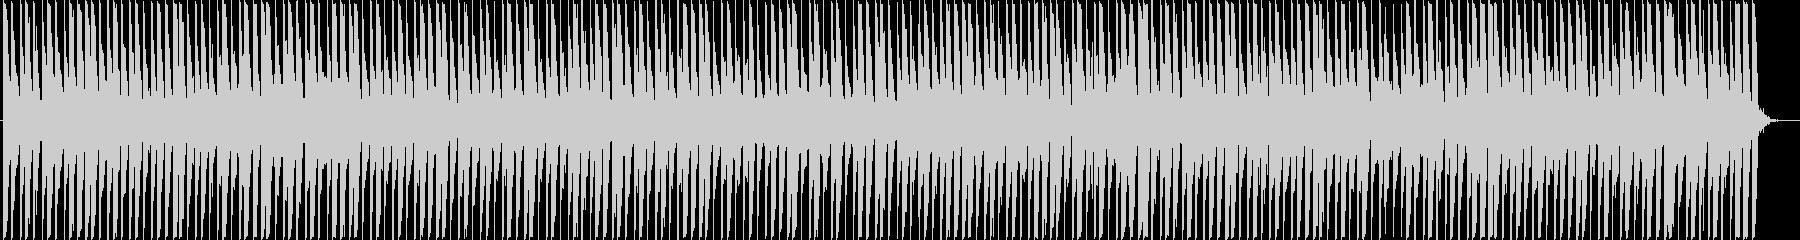 クールなアフロビートレゲエの未再生の波形